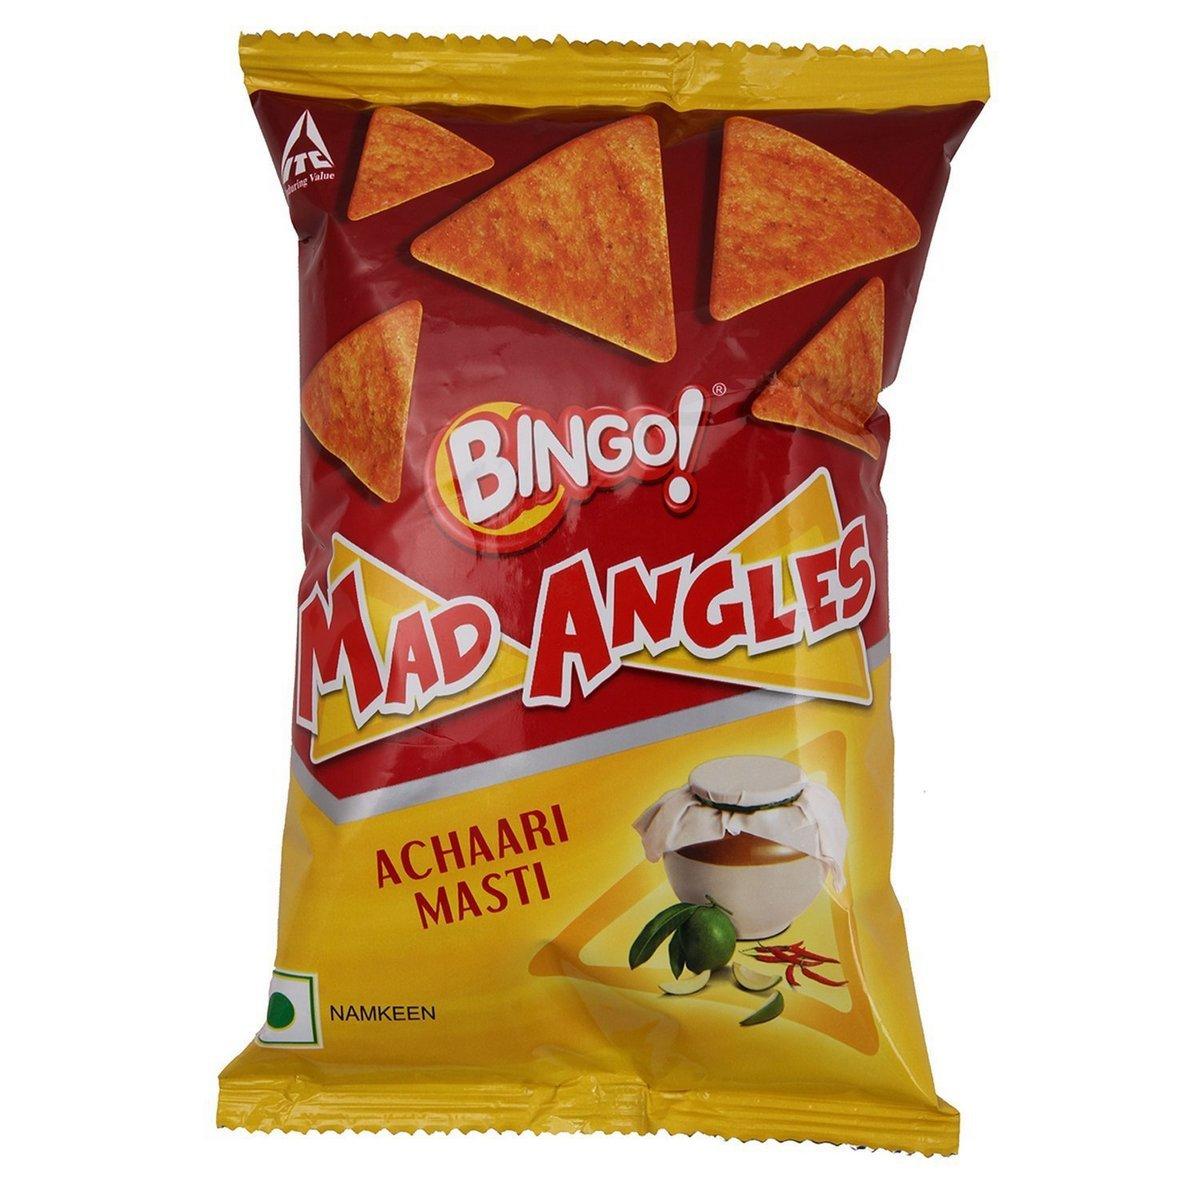 Marketing Mix Of Bingo – Bingo Marketing Mix